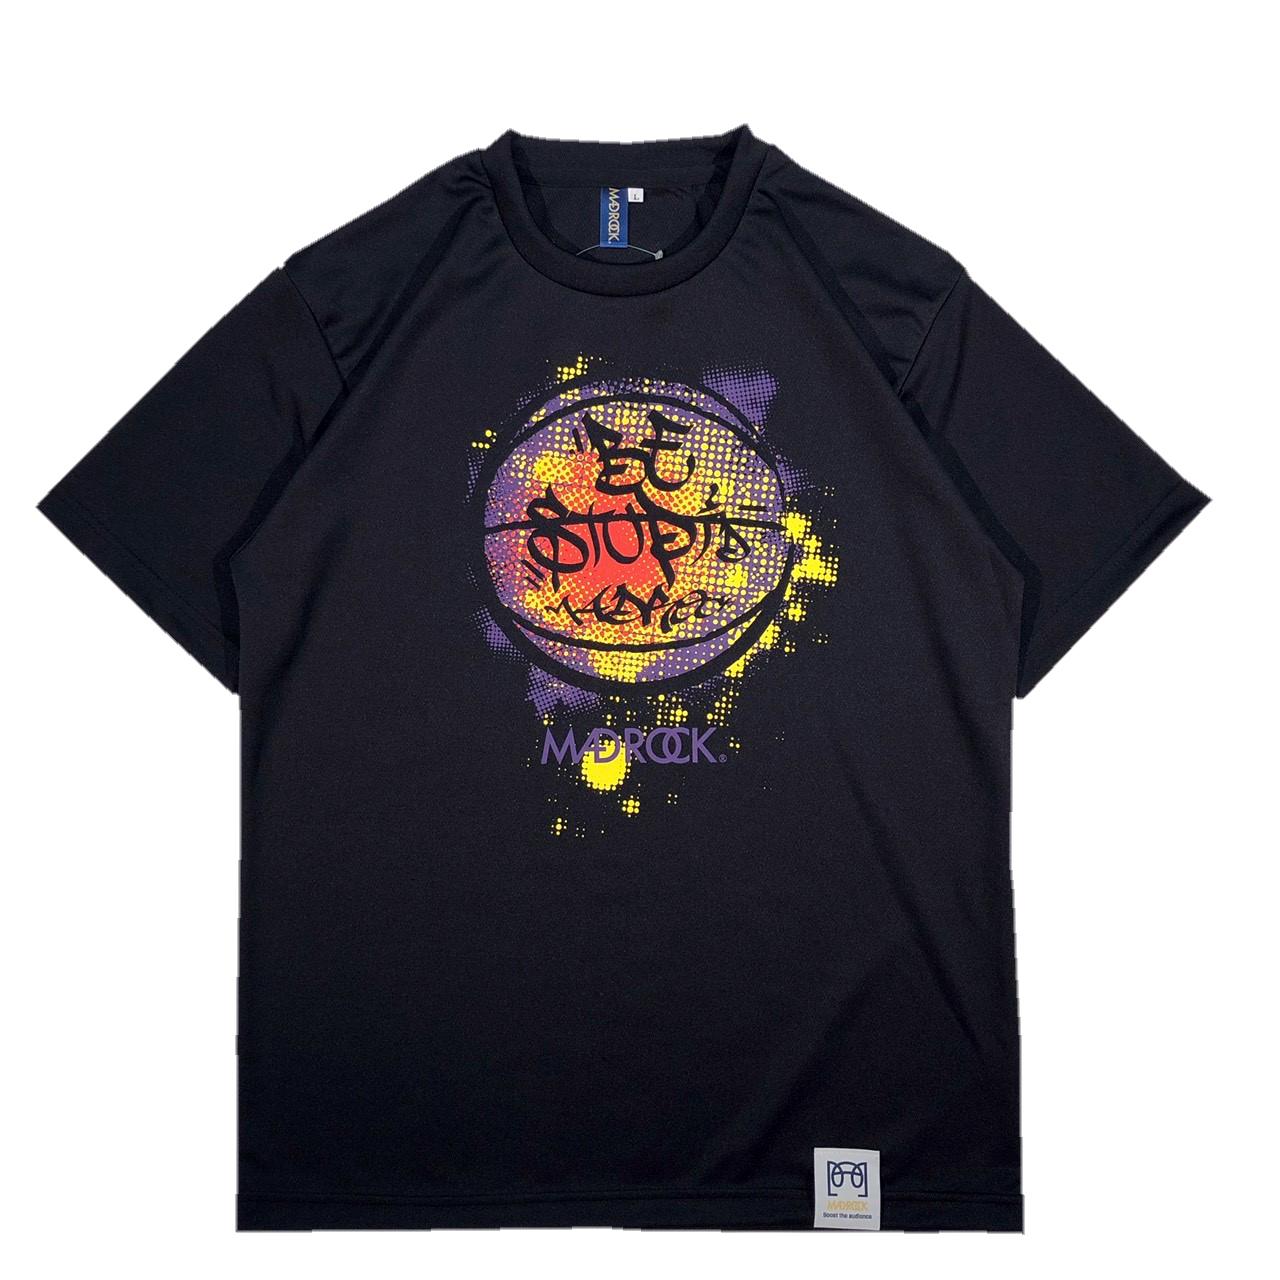 マッドロック -Be Stupid-Tシャツ/ドライタイプ/ブラック/MADROCK-Be Stupid-TEE